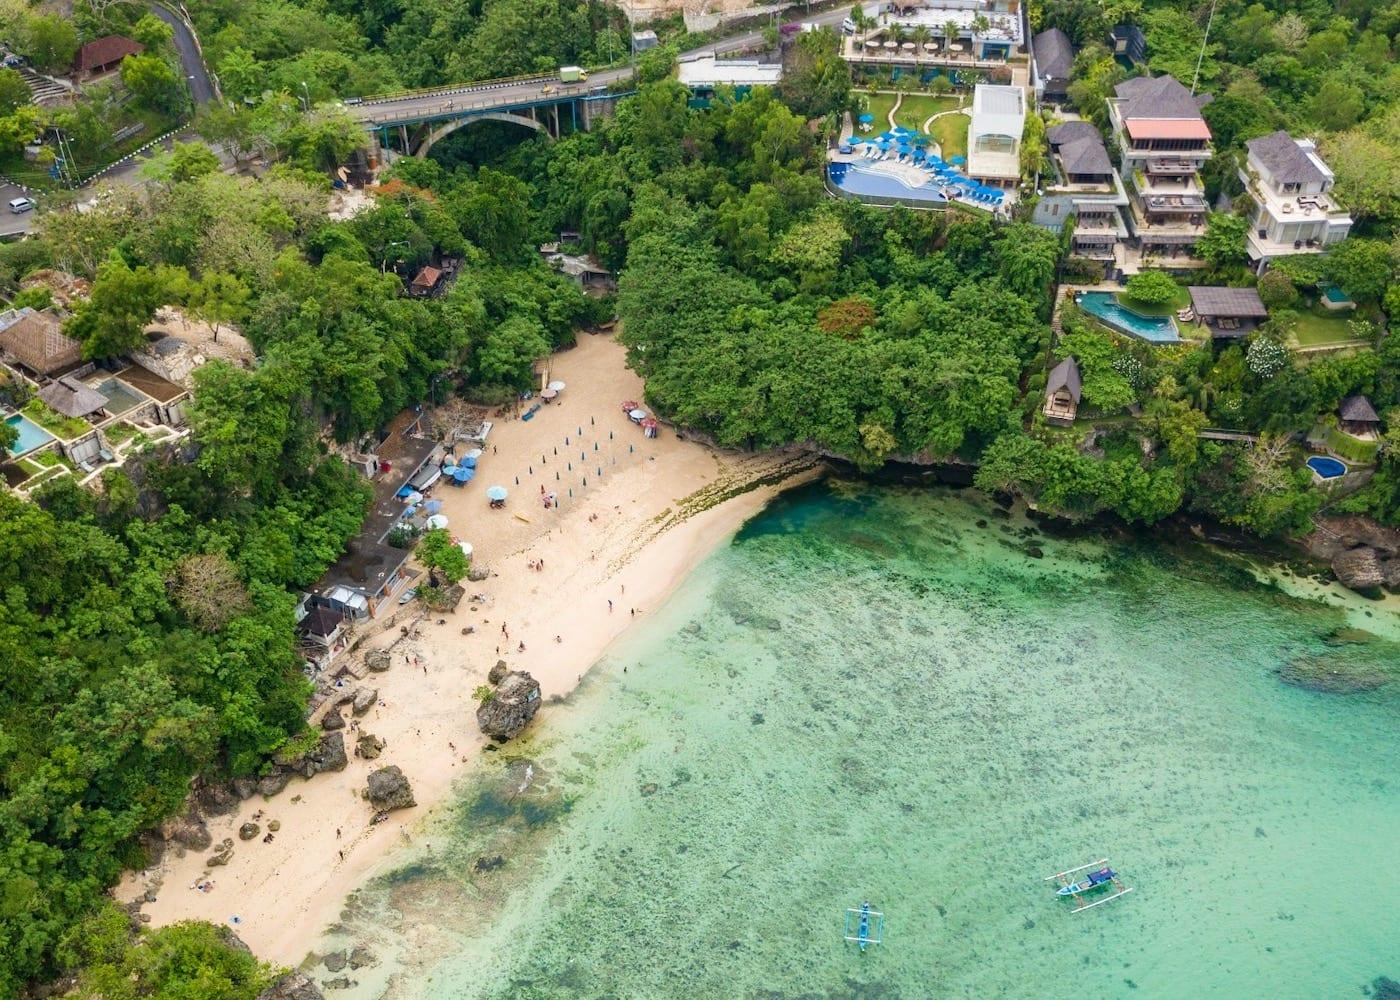 Padang Padang Beach in Bali Indonesia